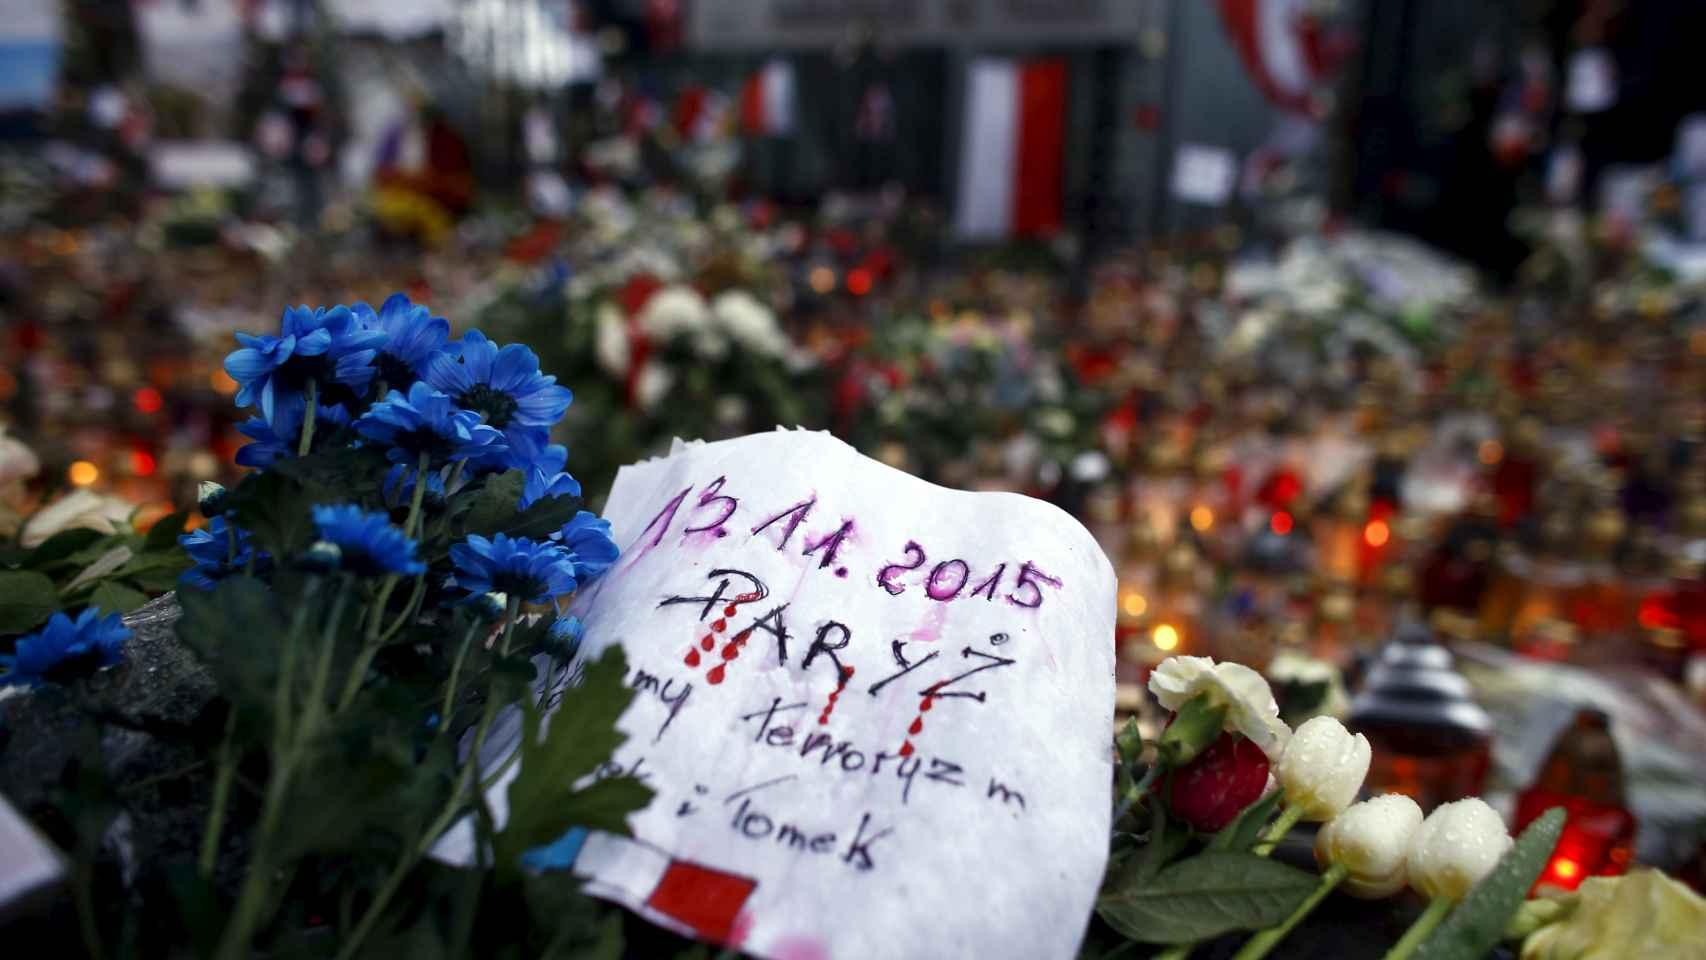 Miles de flores y velas recuerdan a los fallecidos por toda la ciudad.